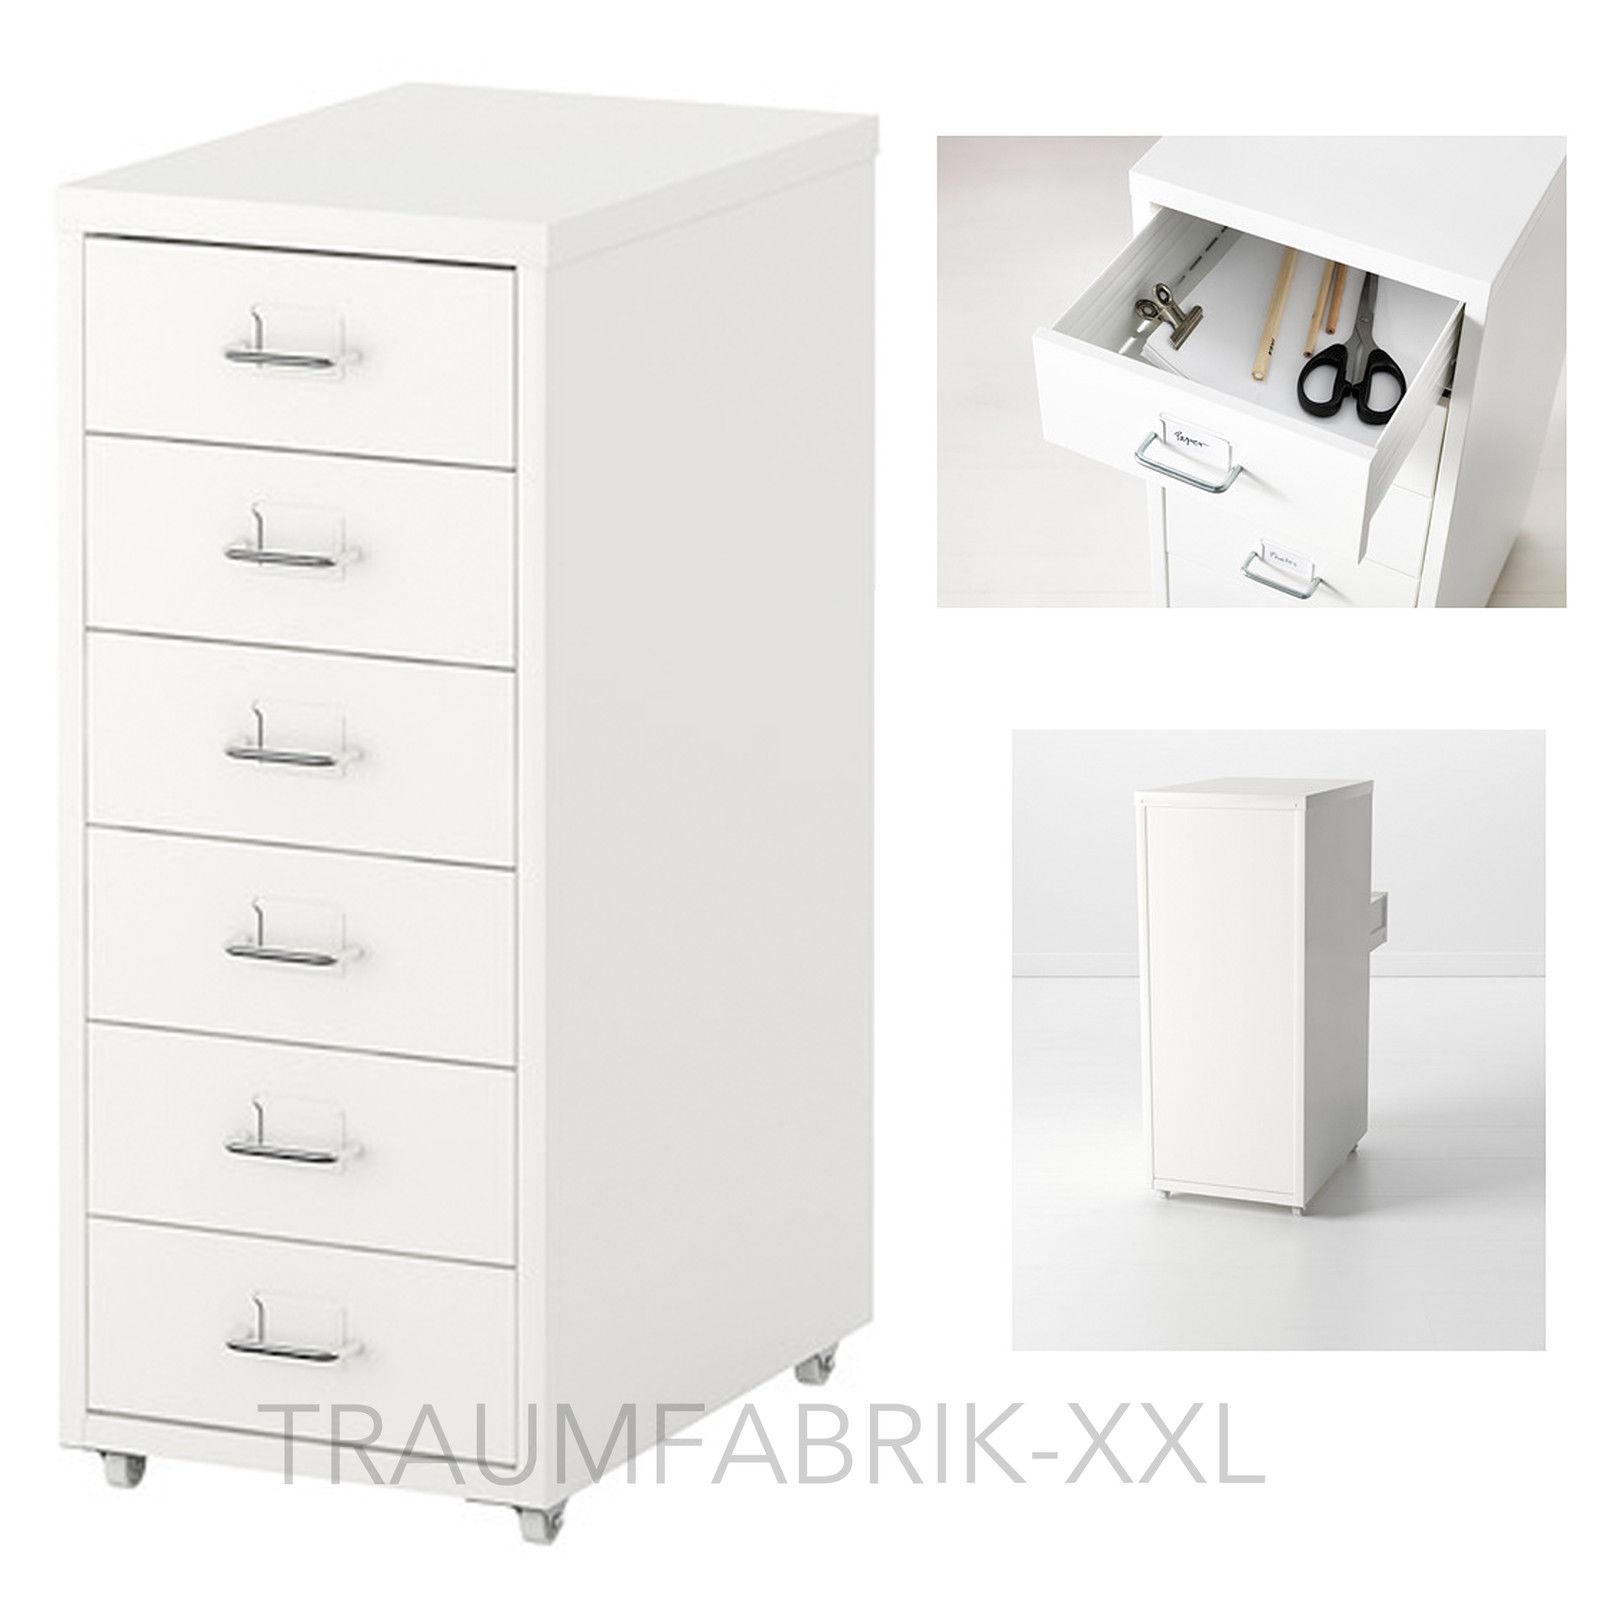 Ikea Bürocontainer ikea helmer schubladenelement mit rollen büroschrank weiß